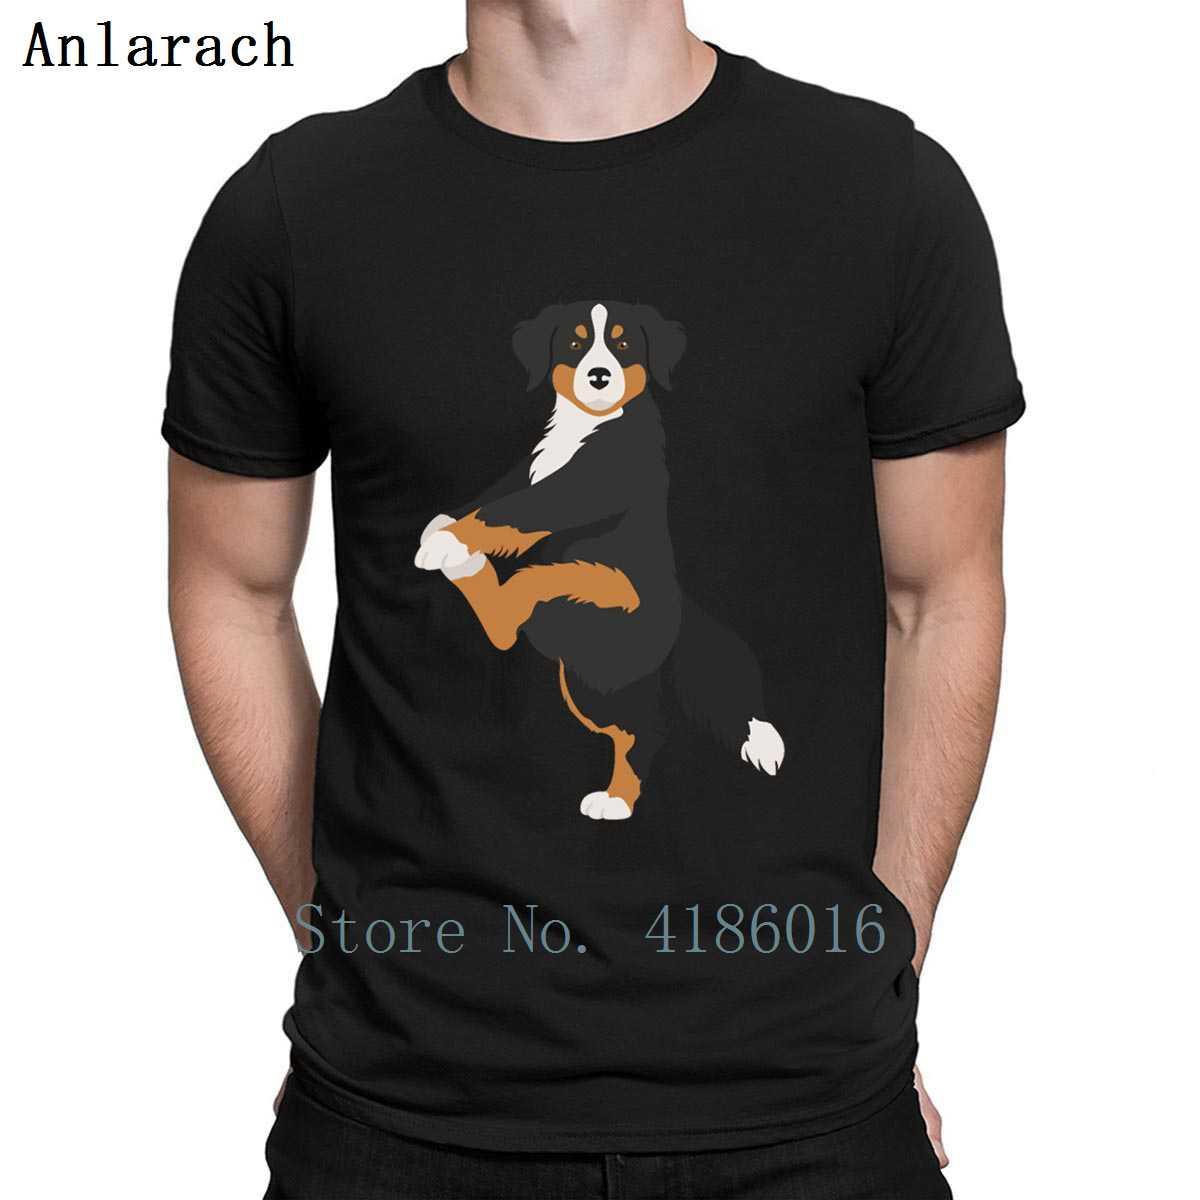 Bernese Dağ Köpeği Yoga Egzersiz Köpek Komik Tişörtlü Günlük Yaz Stili Yenilikçi O-Boyun Spor Tee Gömlek Baskı Benzersiz Gömlek